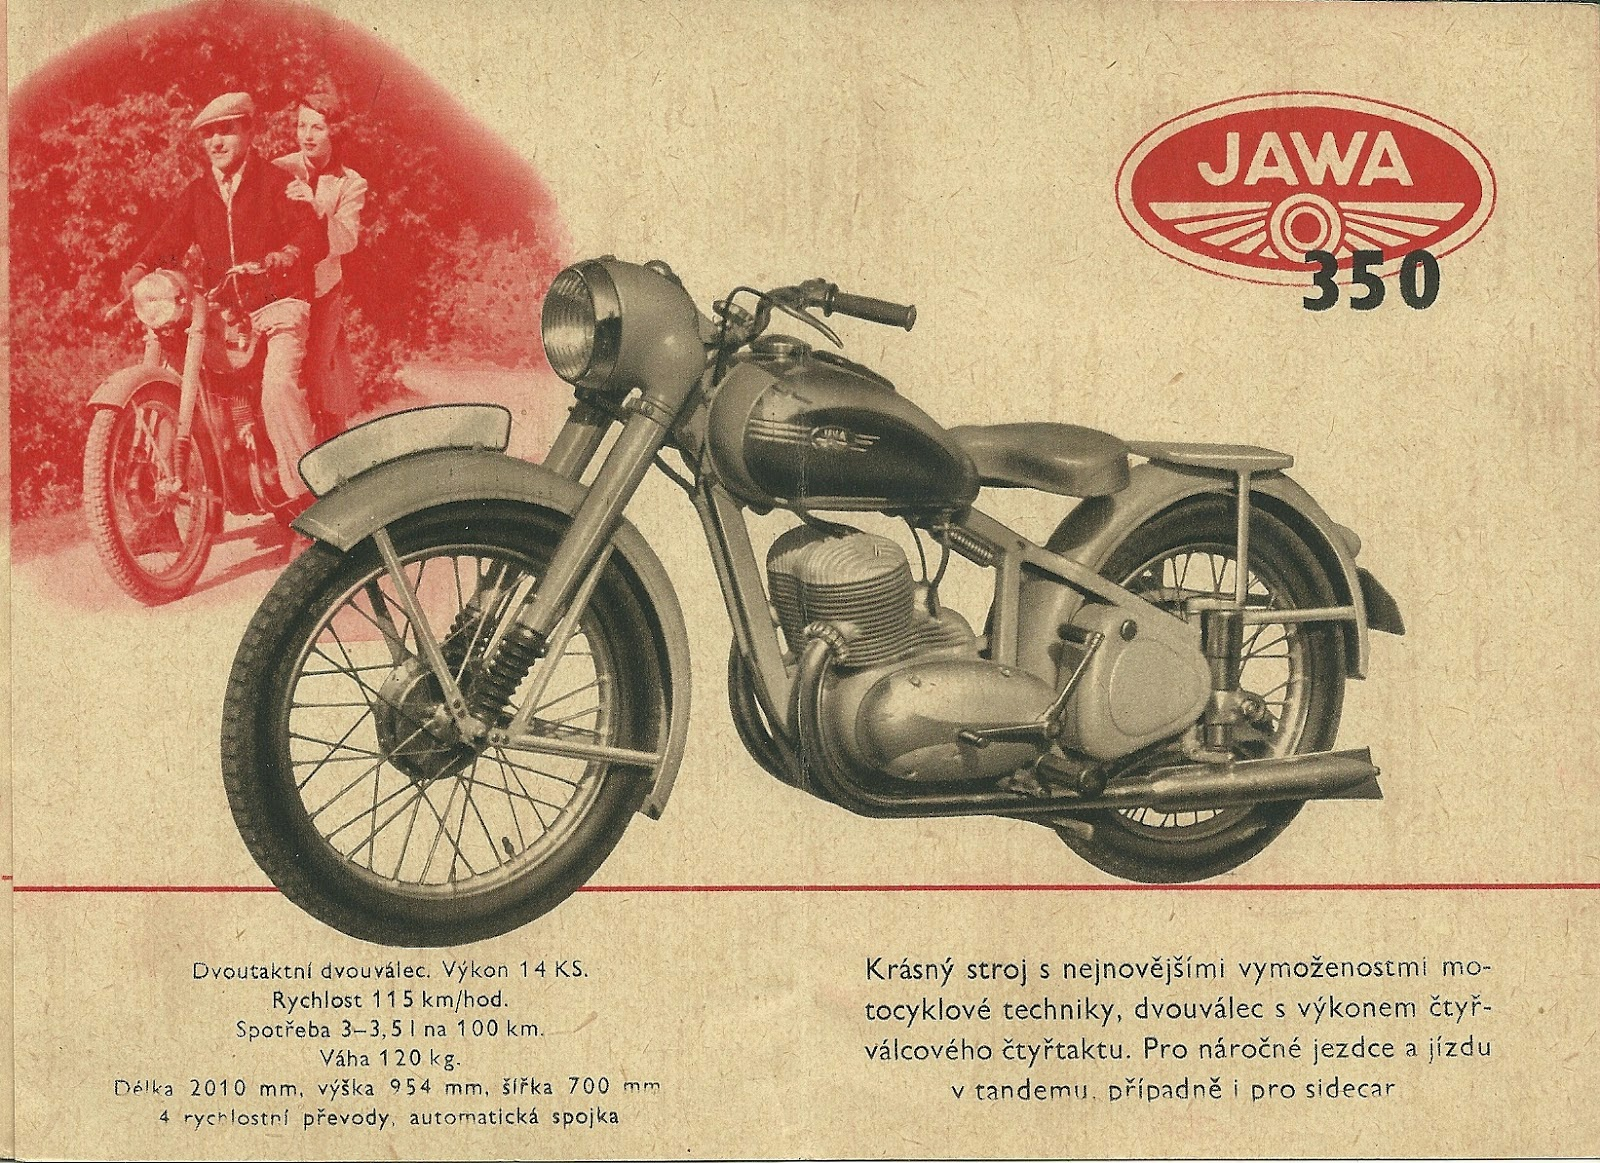 Ulotka reklamowa Jawa 350